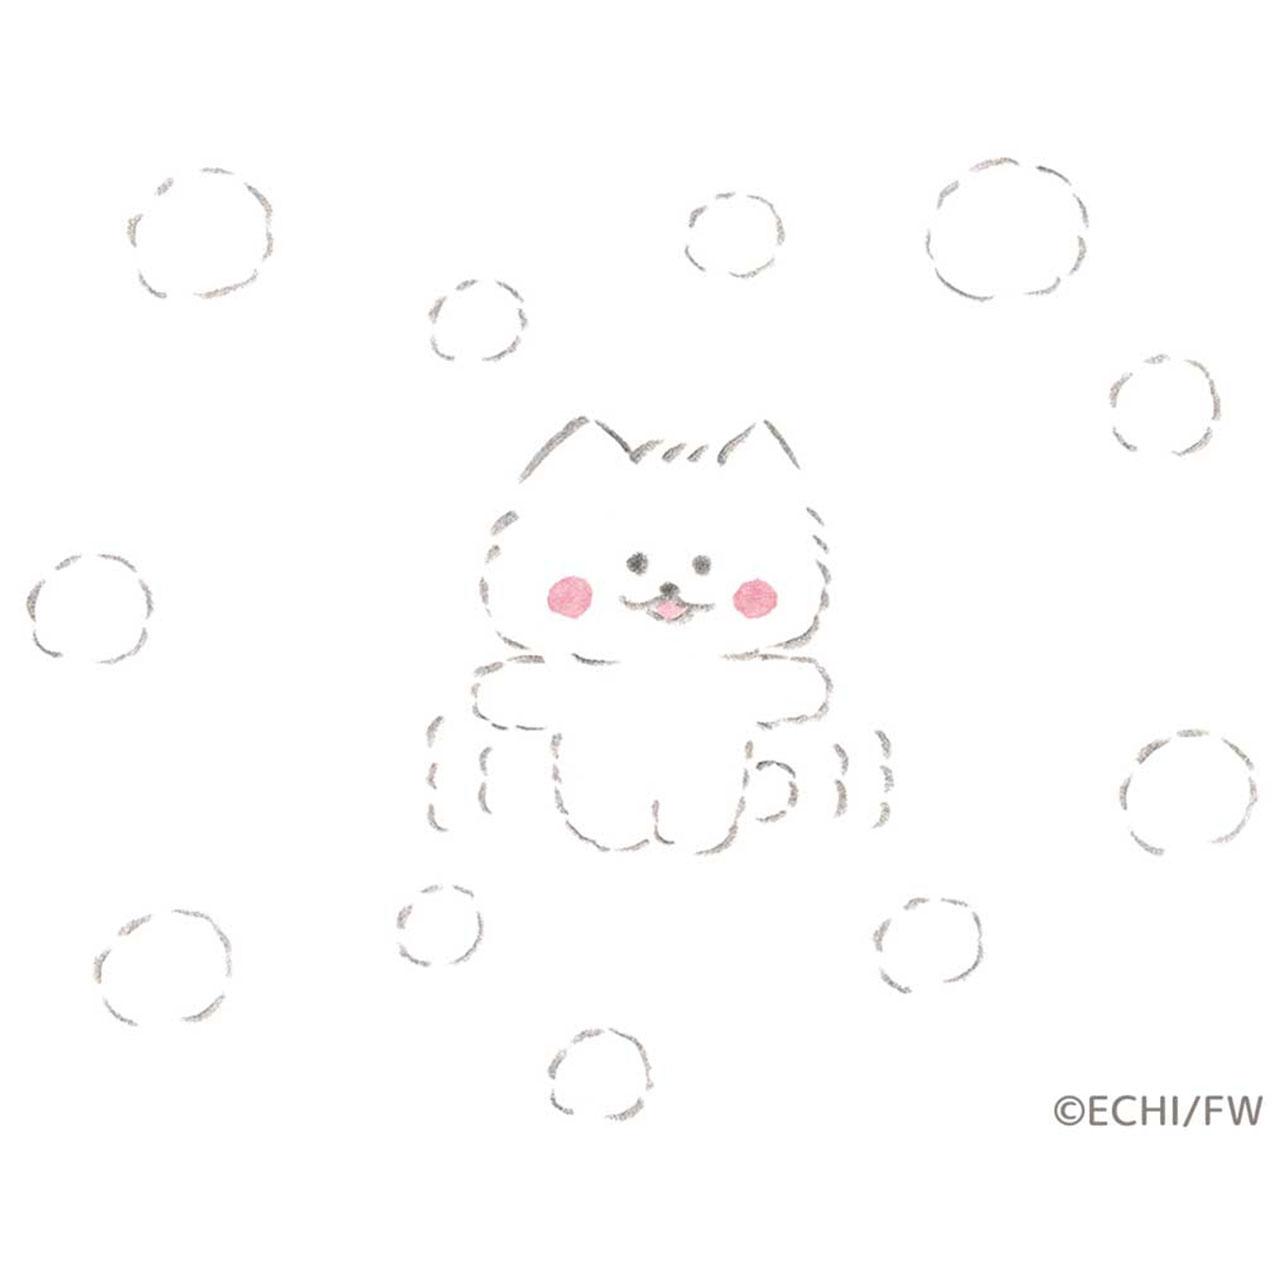 ロンパース(白) ほわほわデザイン